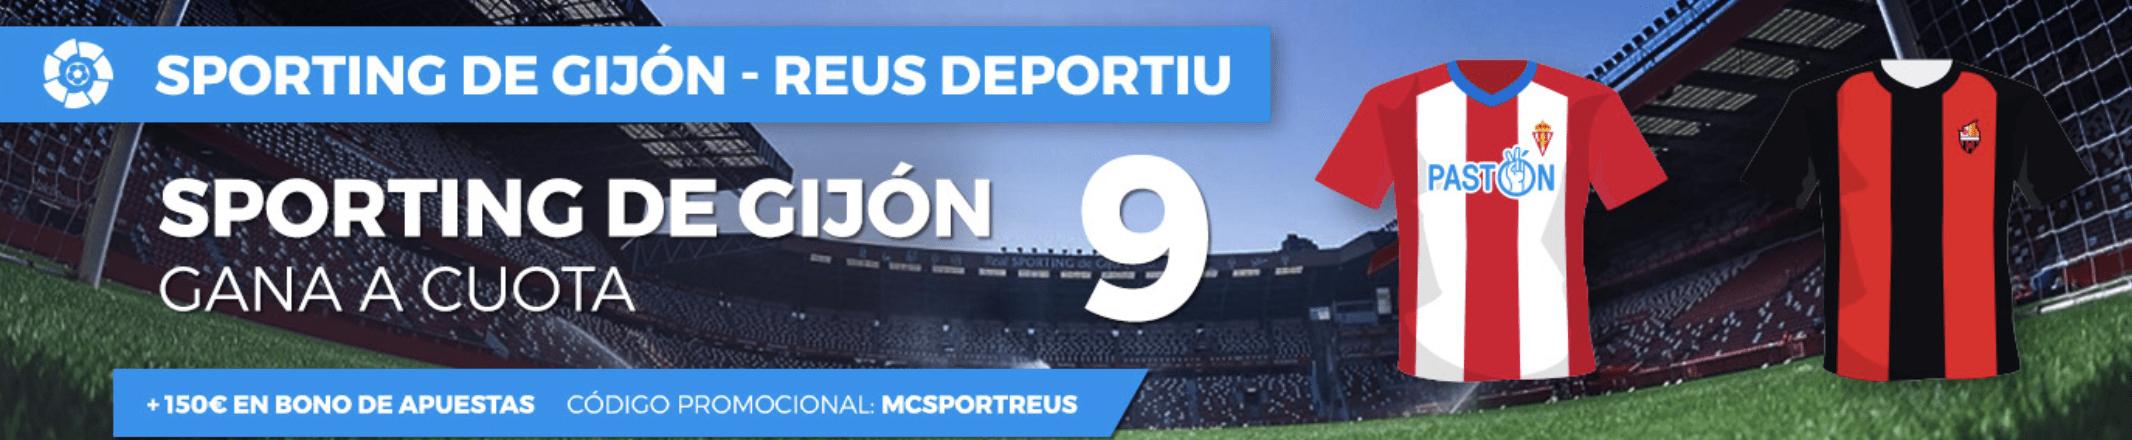 Supercuotas Pastón Sporting - Reus